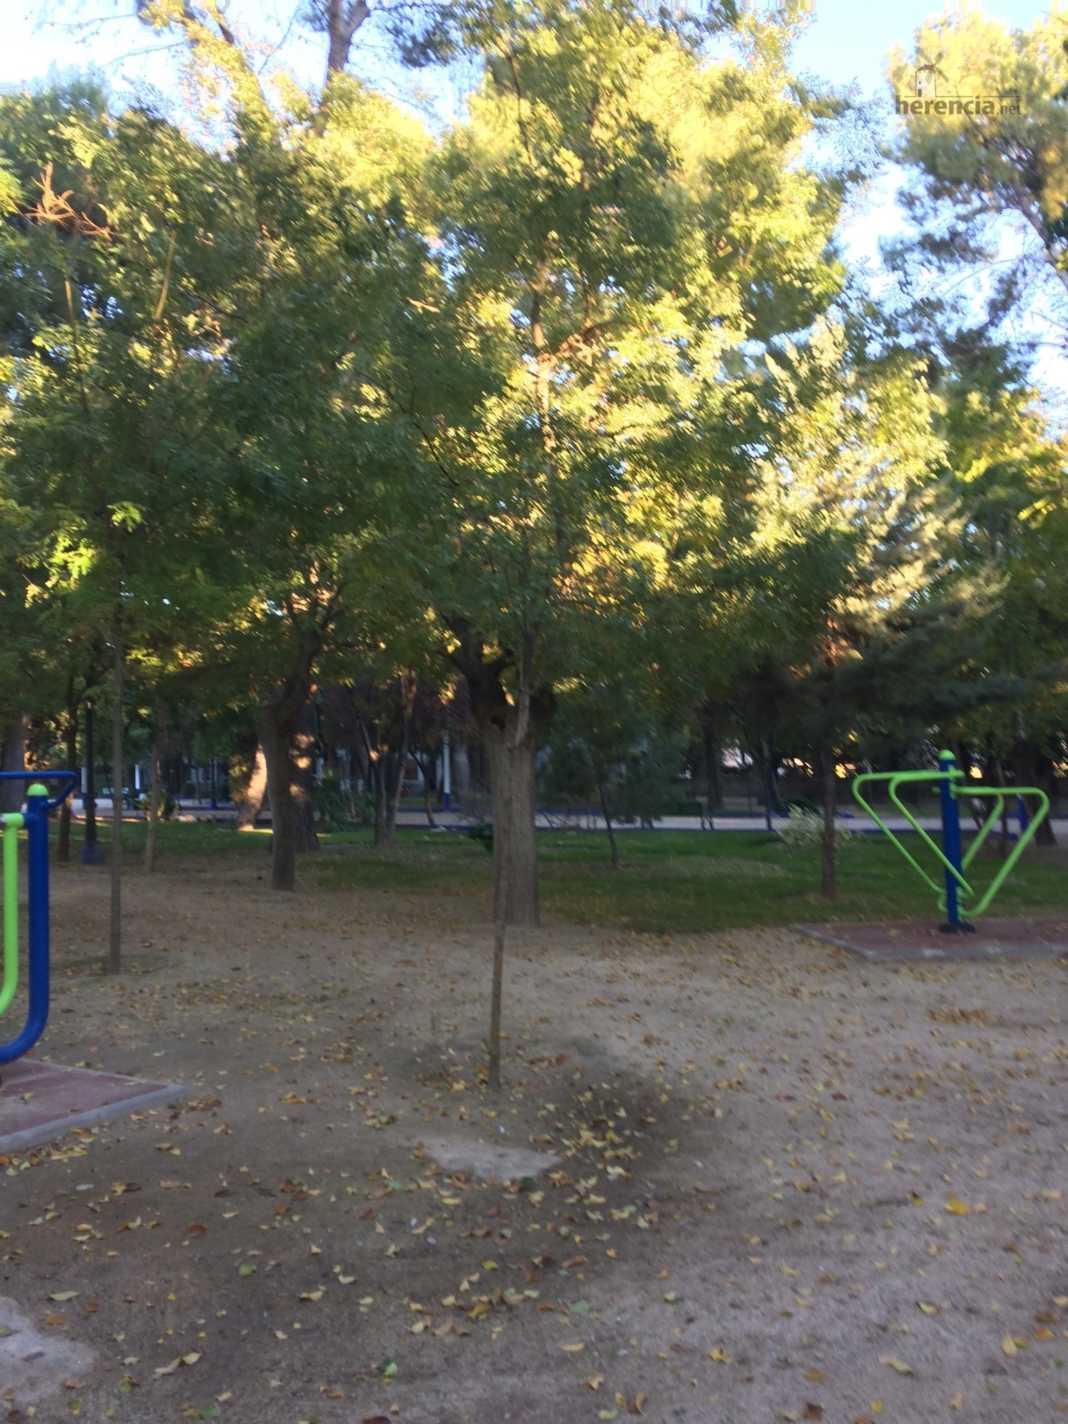 El parque municipal se cierra debido a los fuertes vientos 4